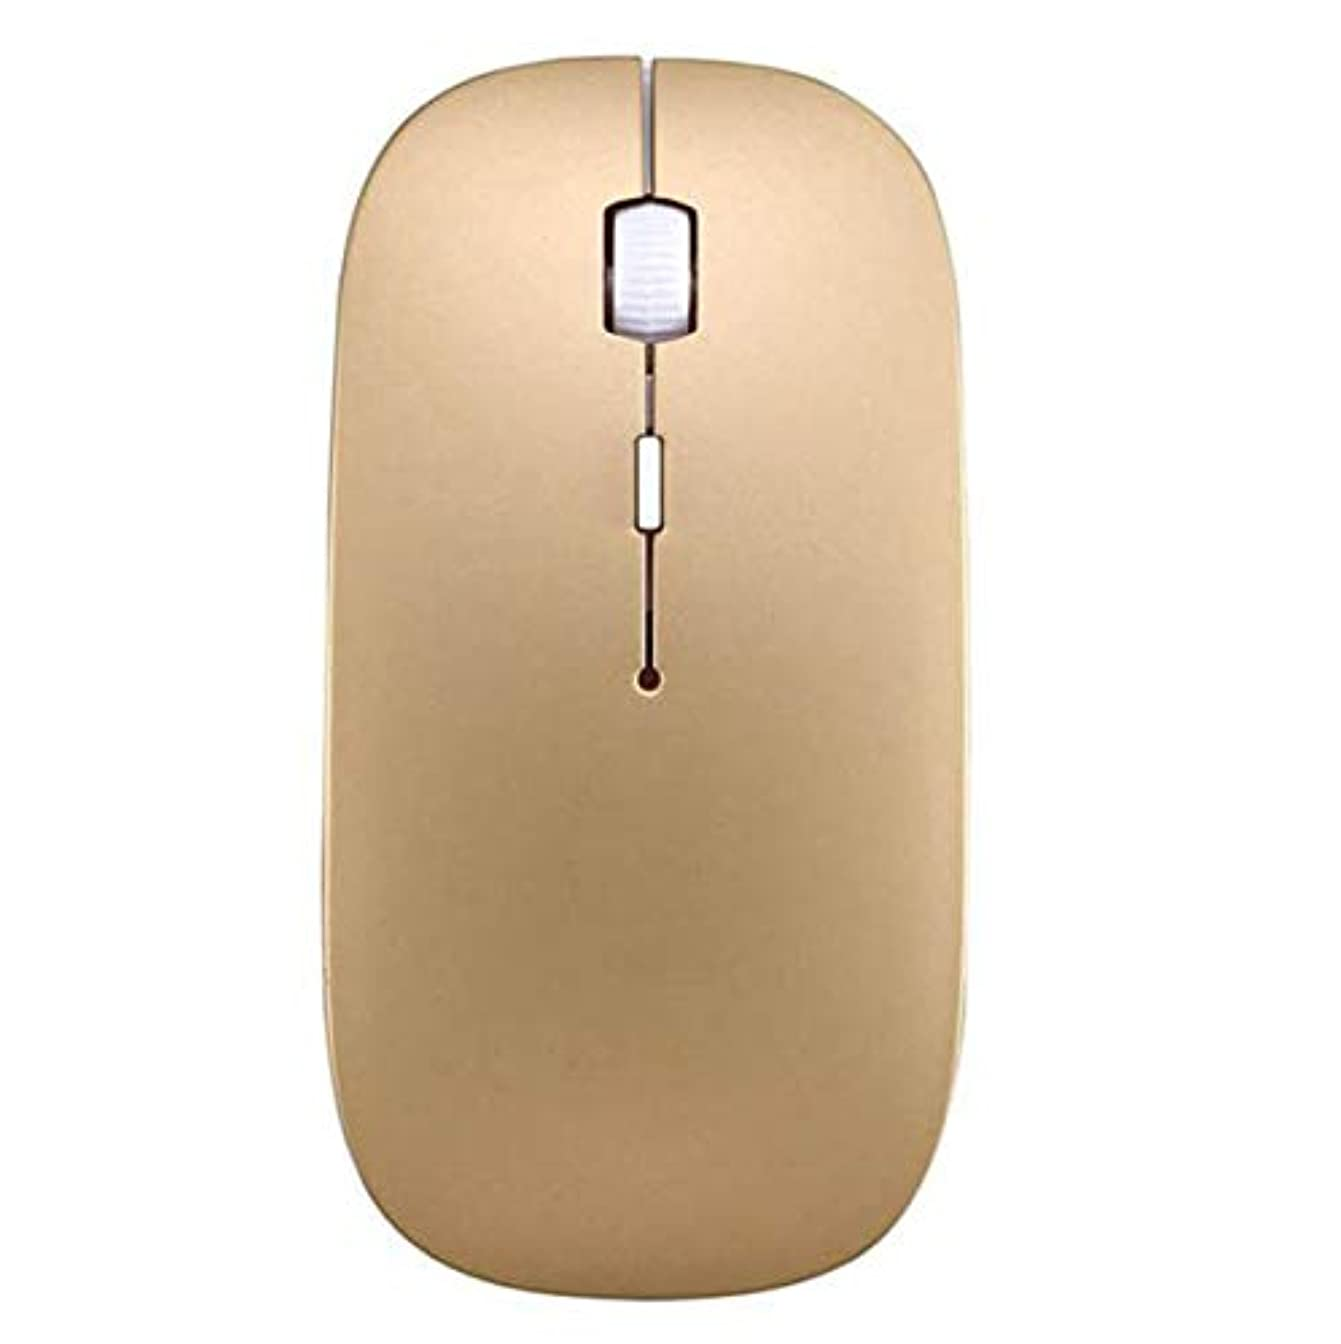 マラウイ椅子小間Jarshvila マウス2400 DPI 4ボタン光学式USBワイヤレスゲーミングマウスマウス(PCラップトップ用)